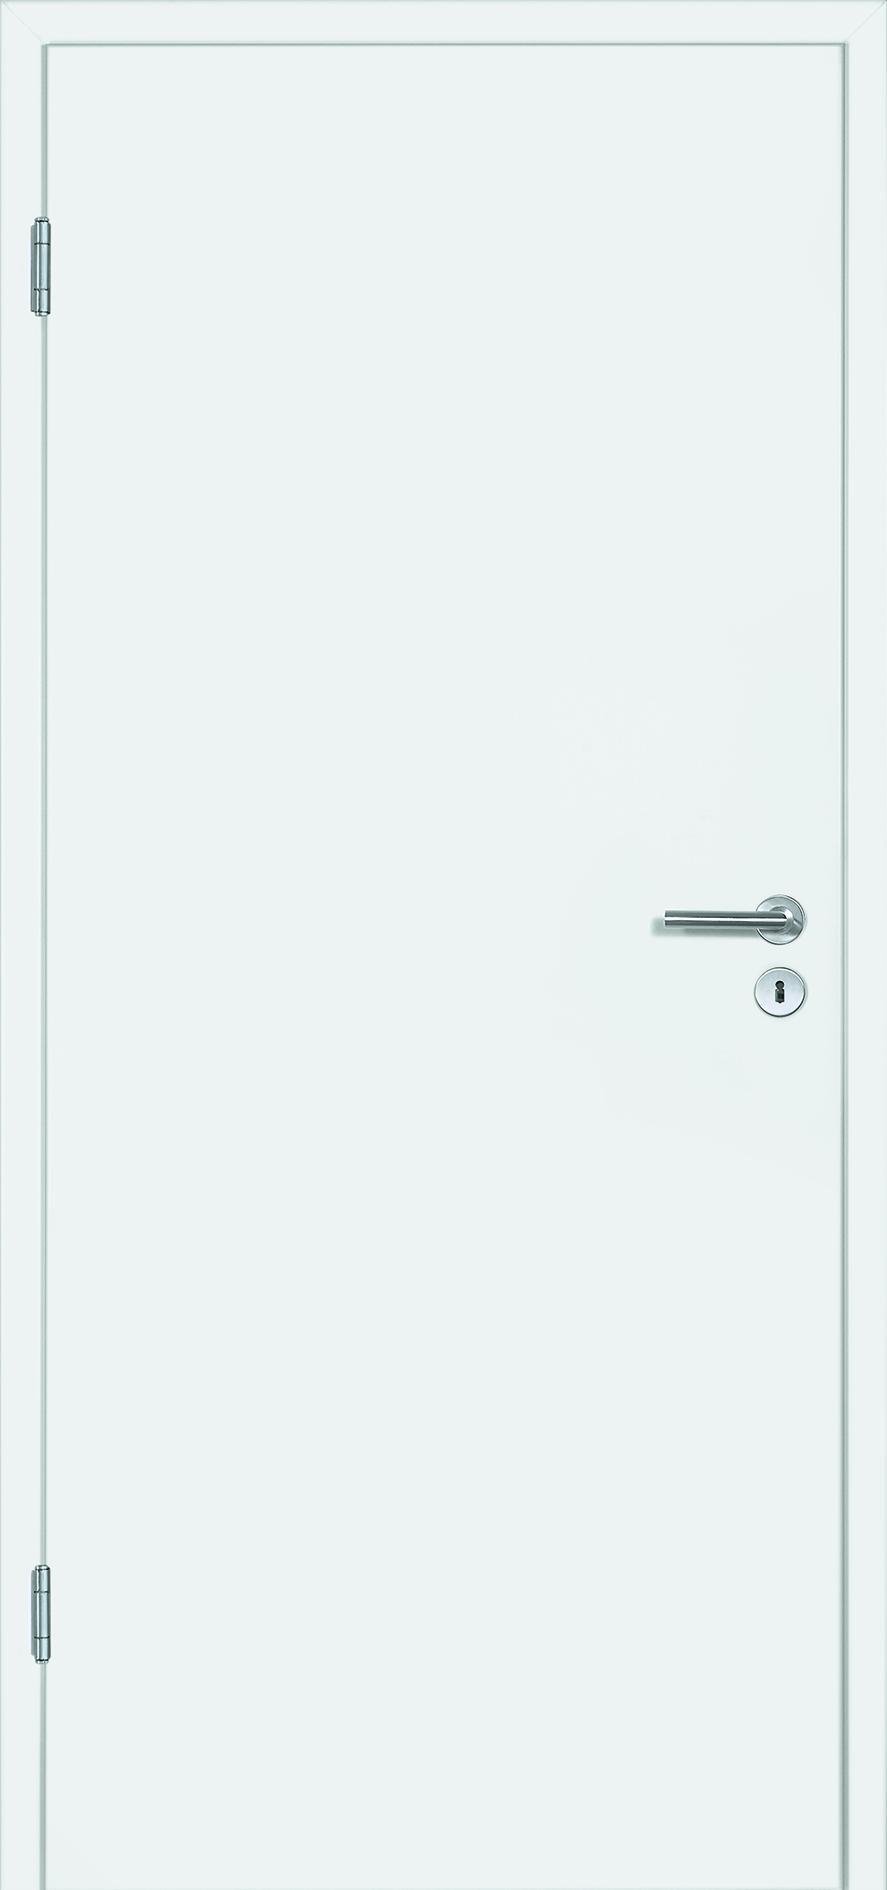 HÖRMANN - AKCE 2020 - Interiérové dveře falcové výška 1970 mm